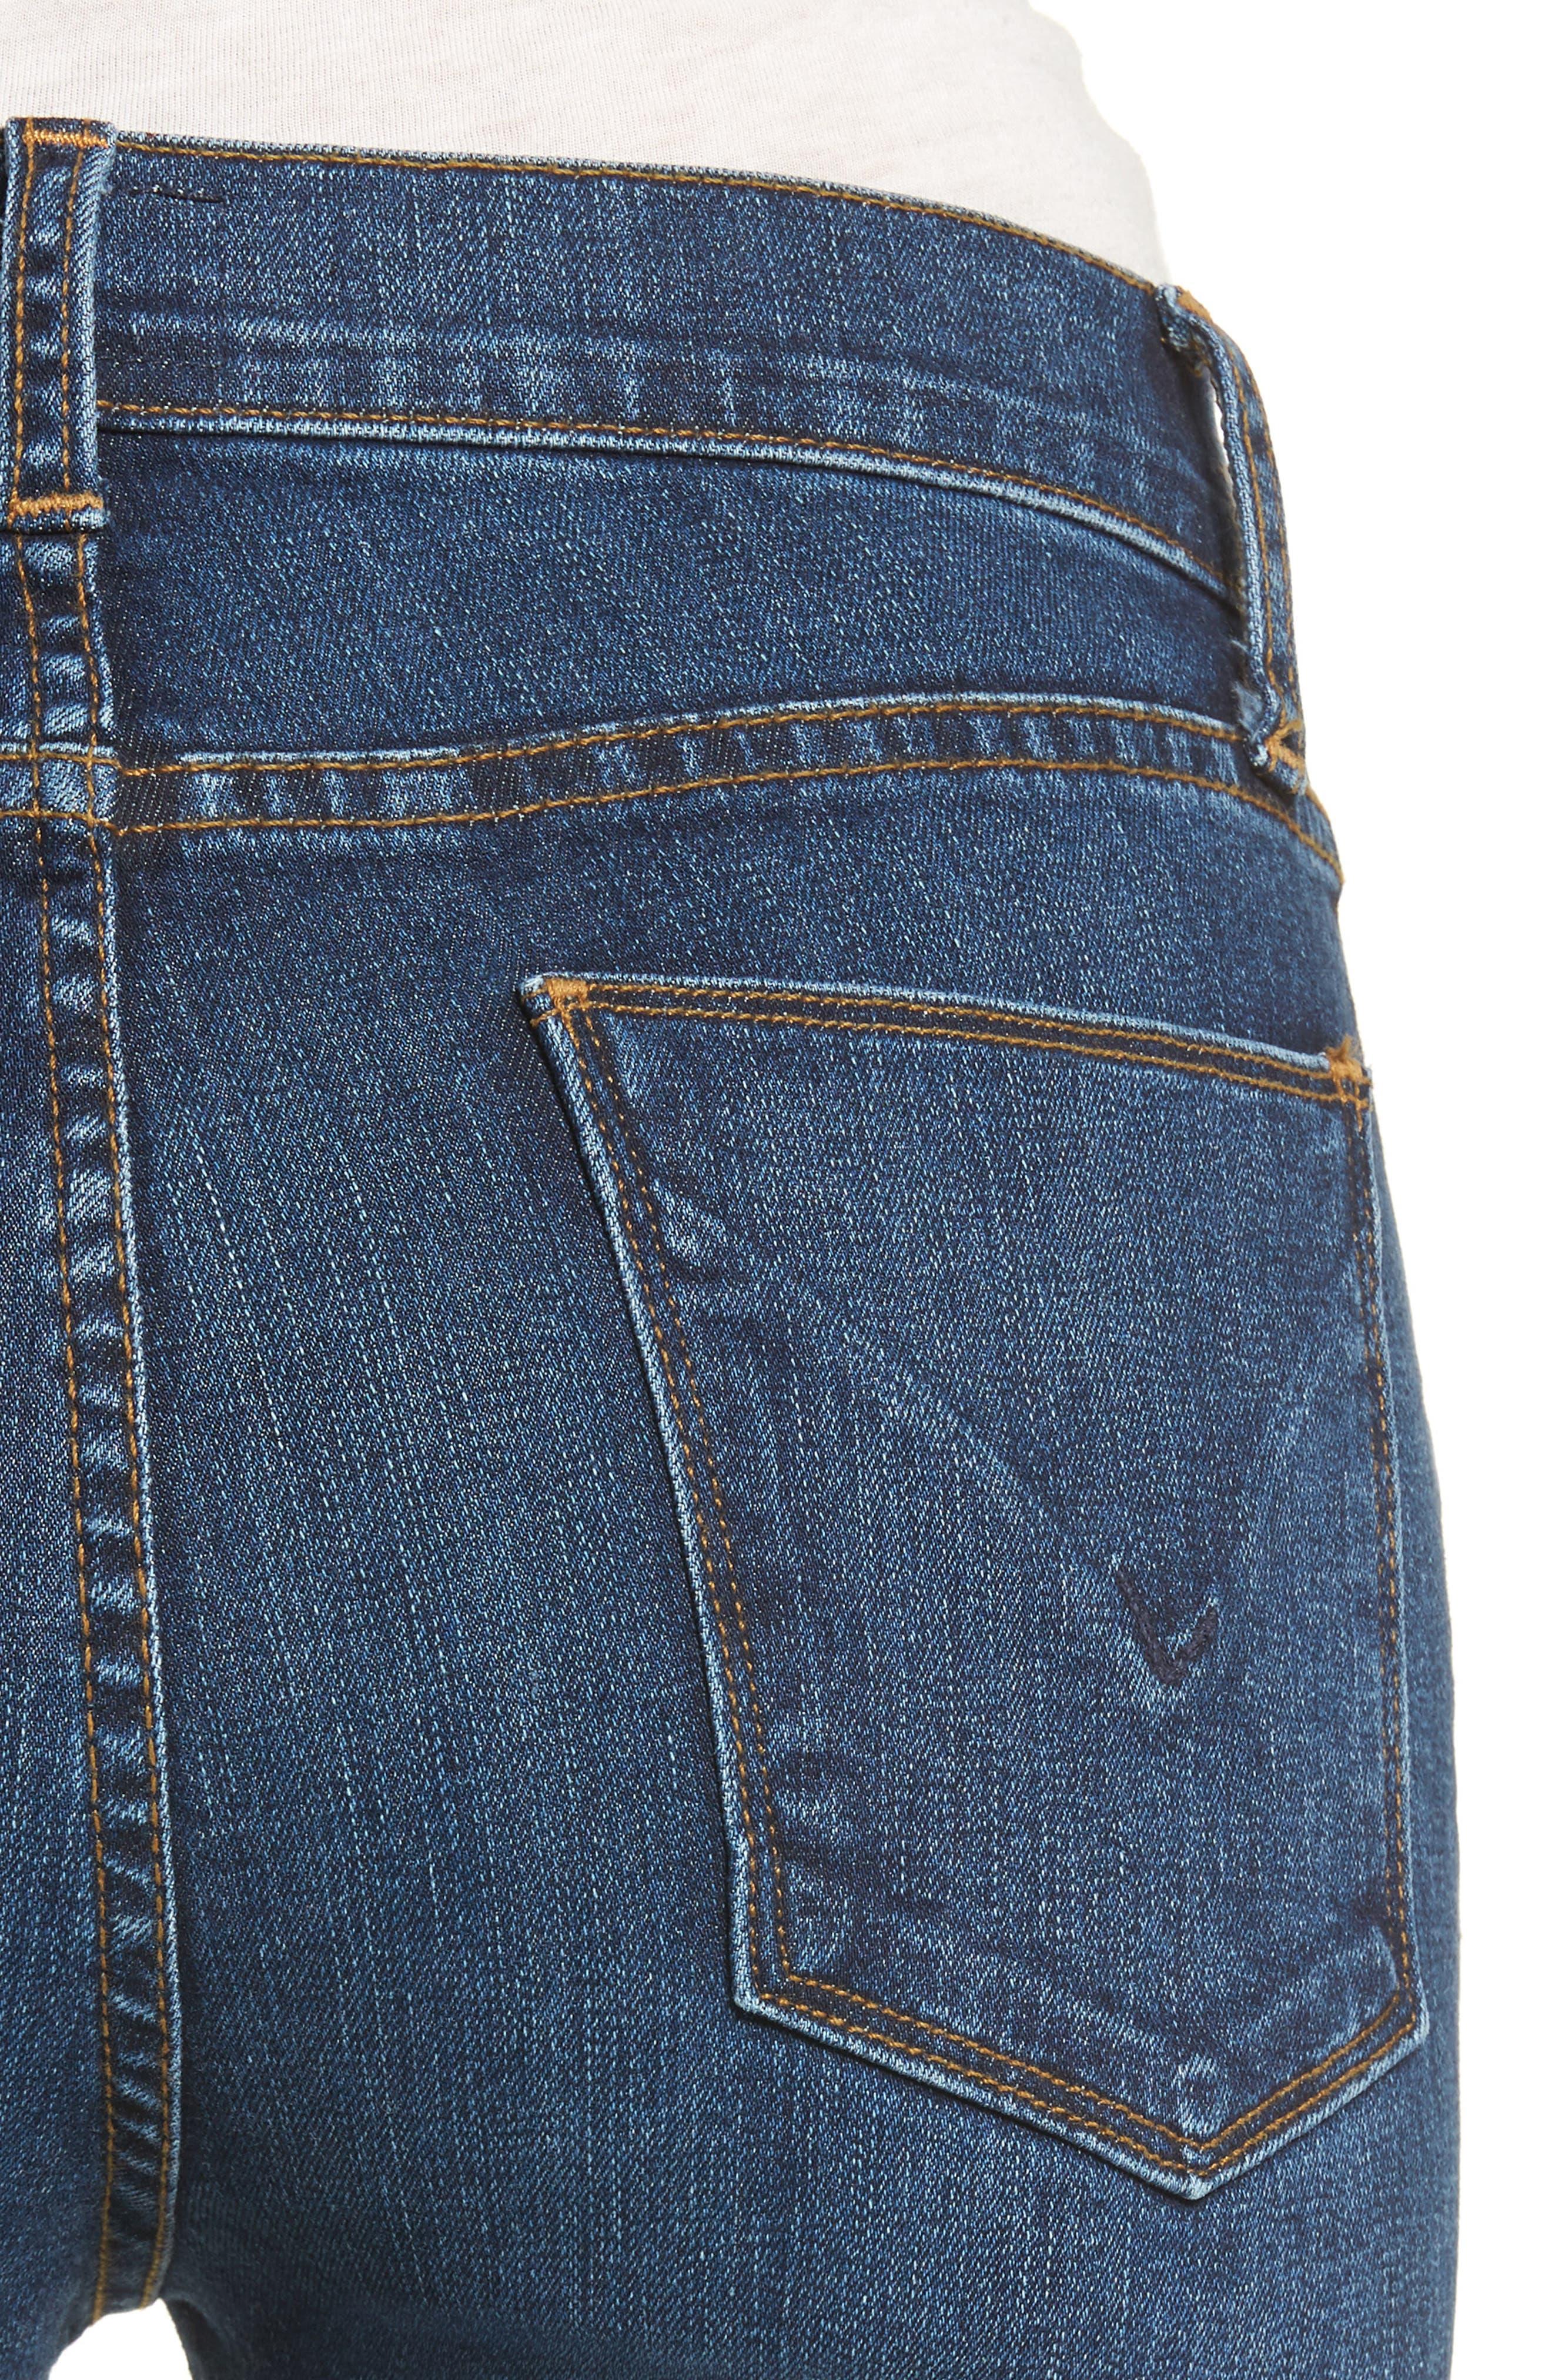 Alternate Image 4  - Hudson Jeans Barbara High Waist Super Skinny Jeans (Fatal)